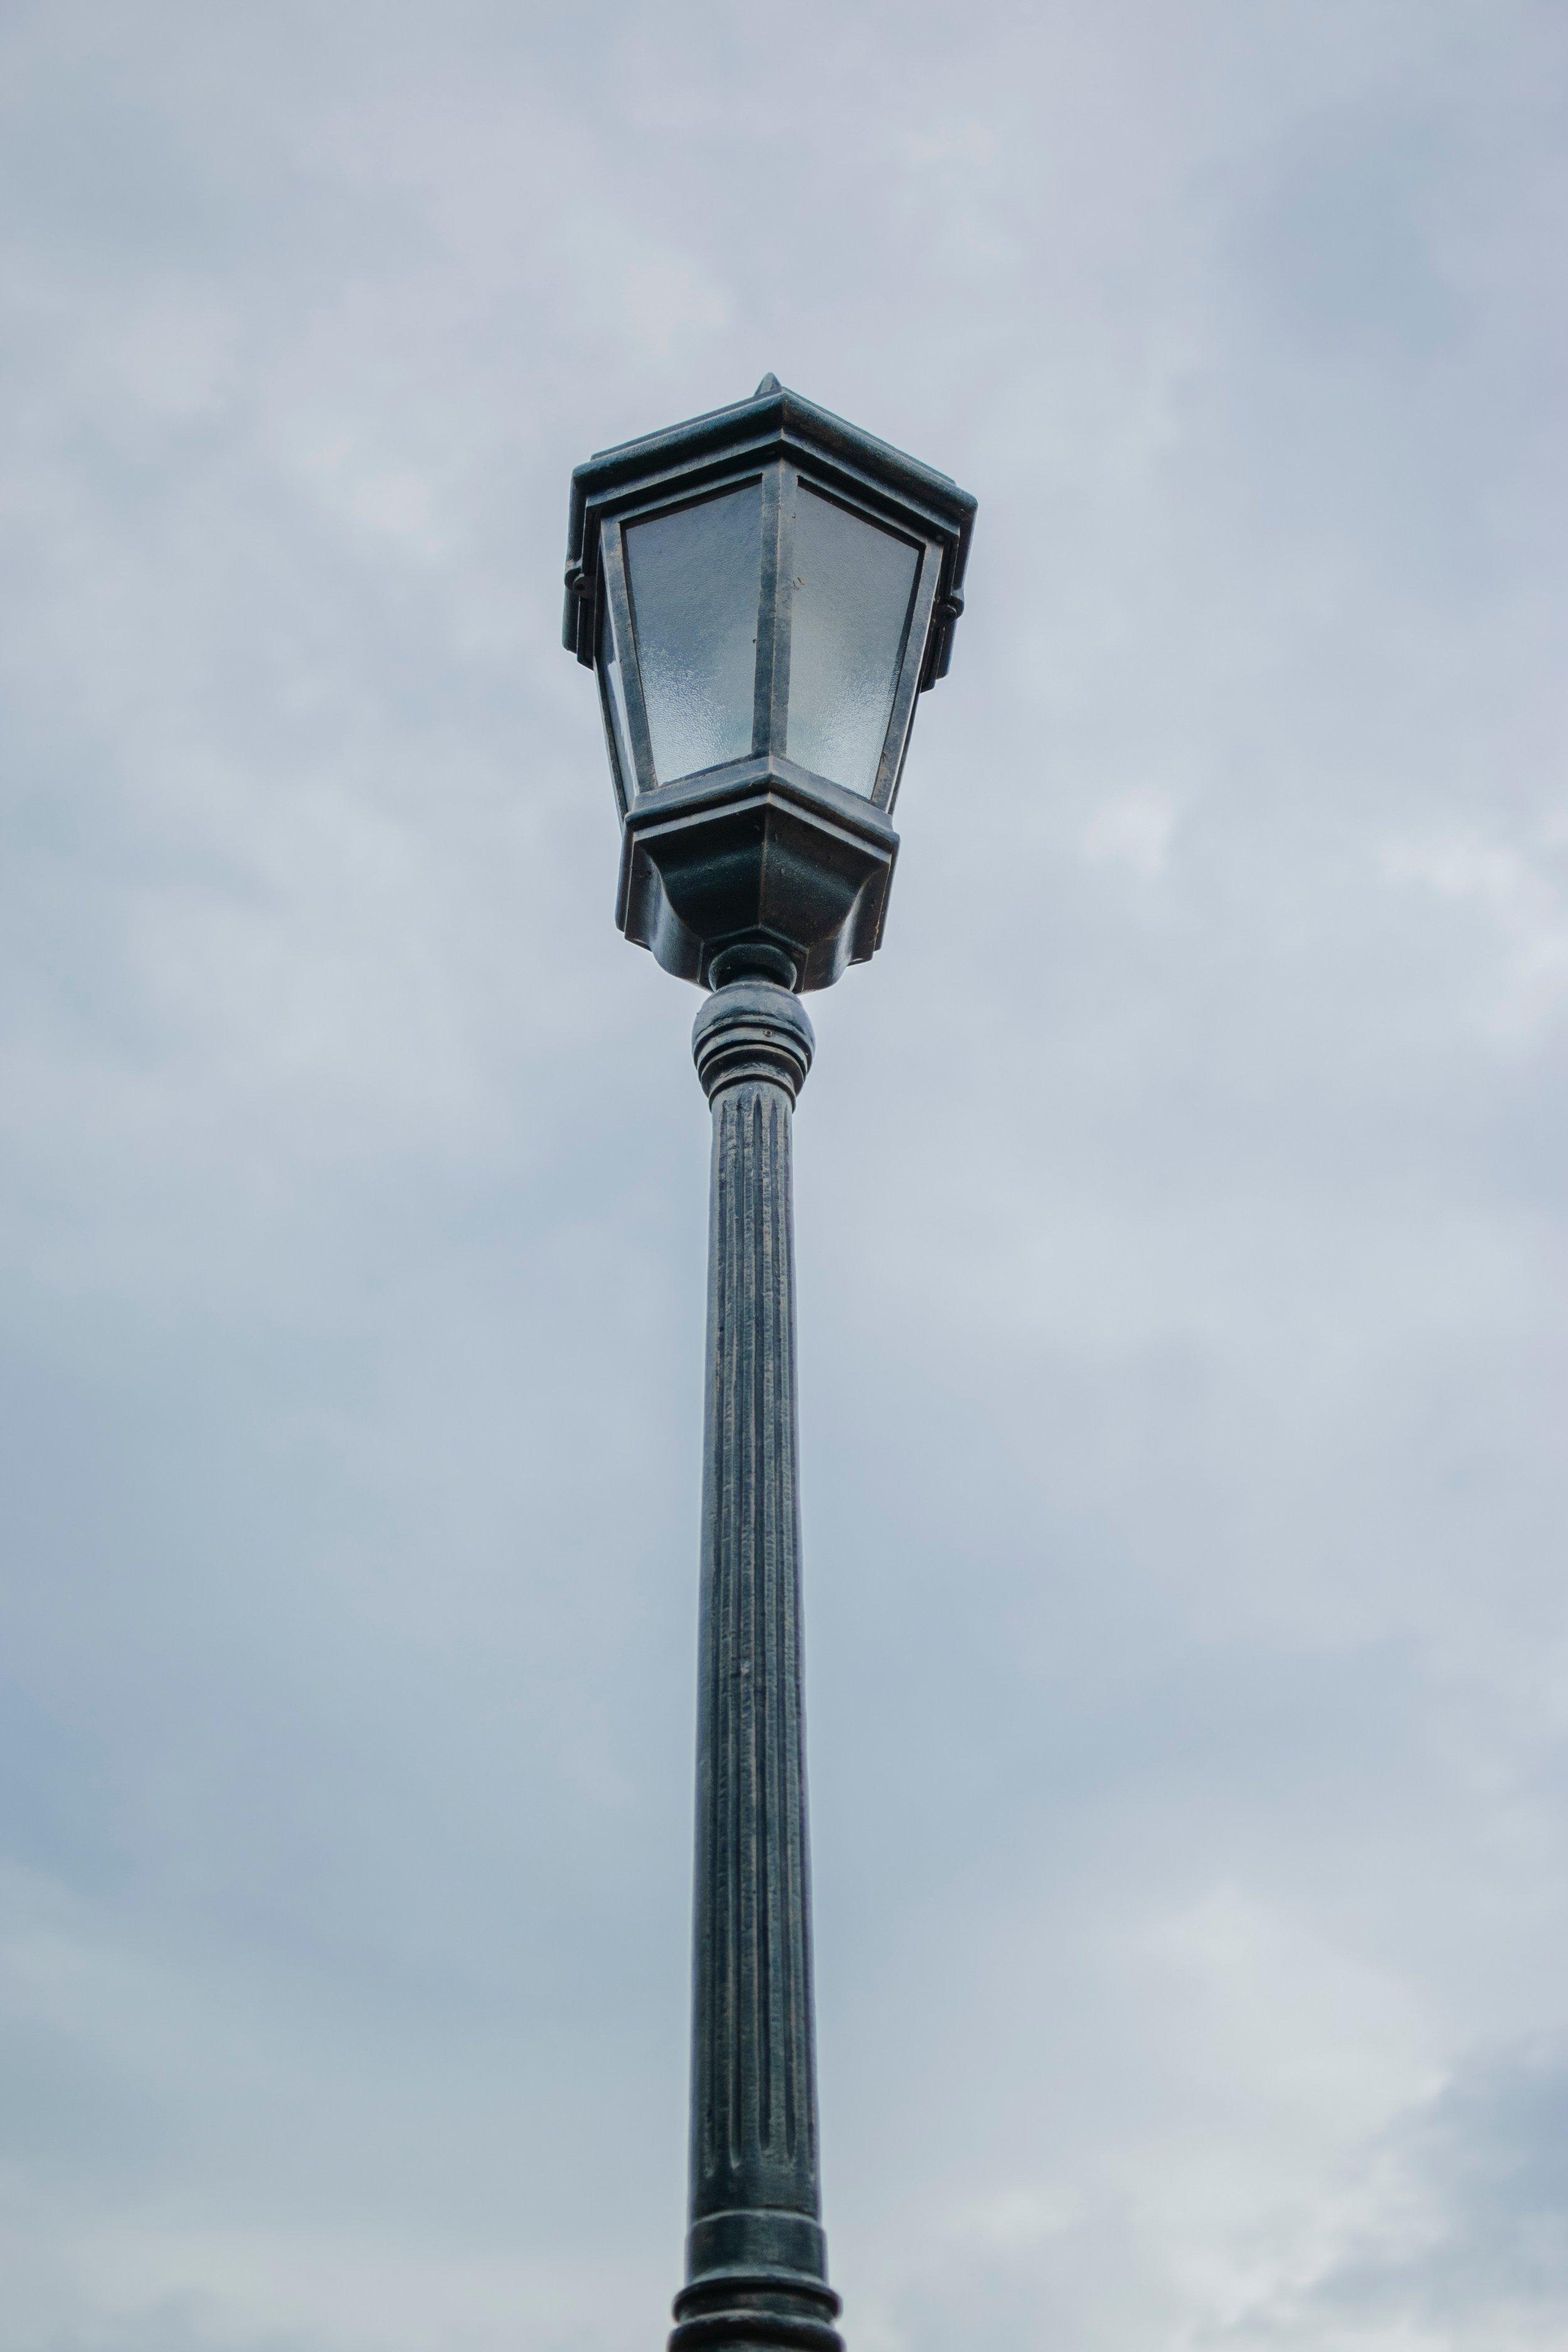 lamp-bulb-lamps-luz-2214779.jpg